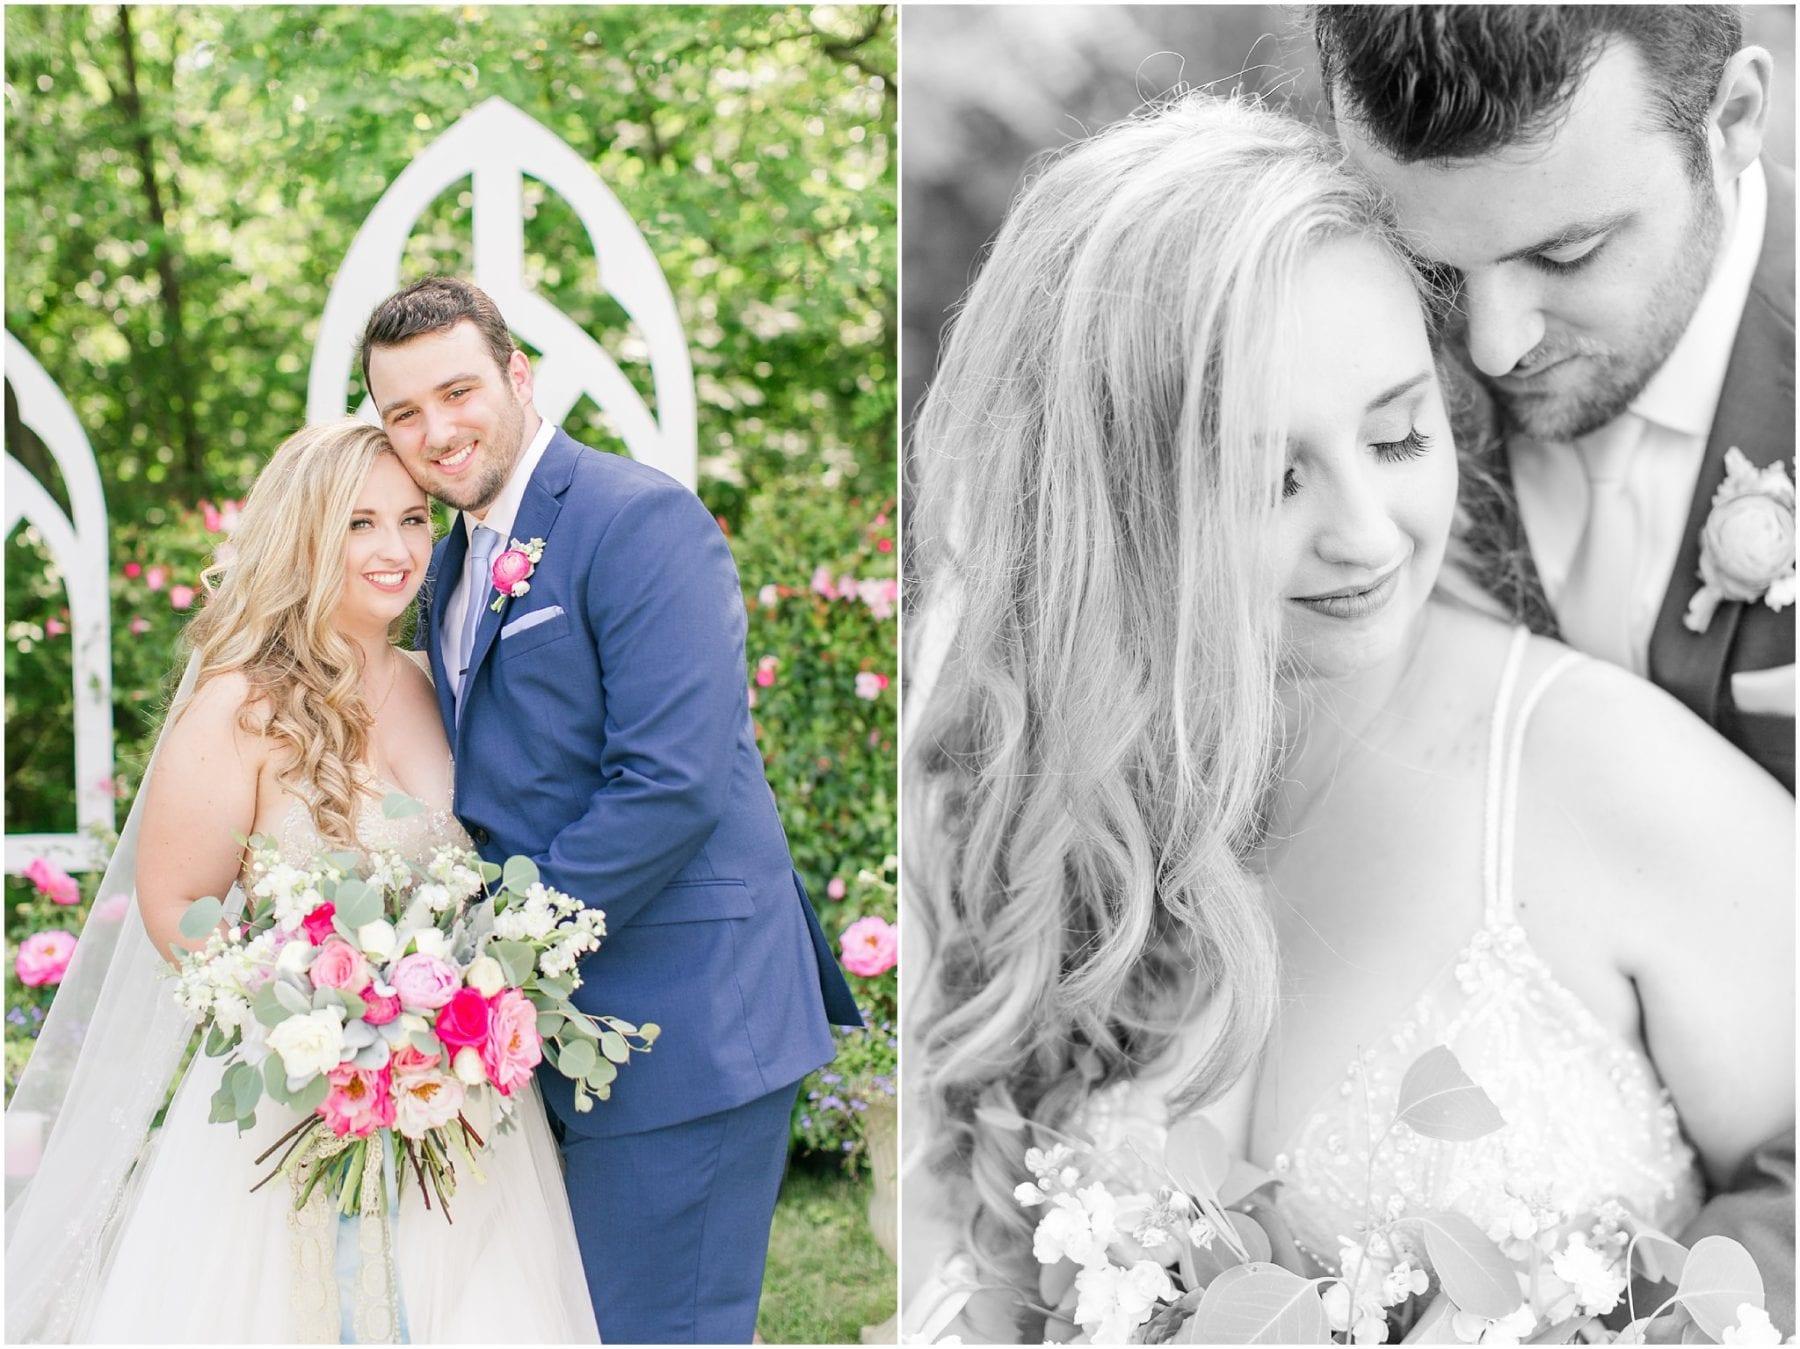 Maryland Backyard Wedding Photos Kelly & Zach Megan Kelsey Photography-111.jpg